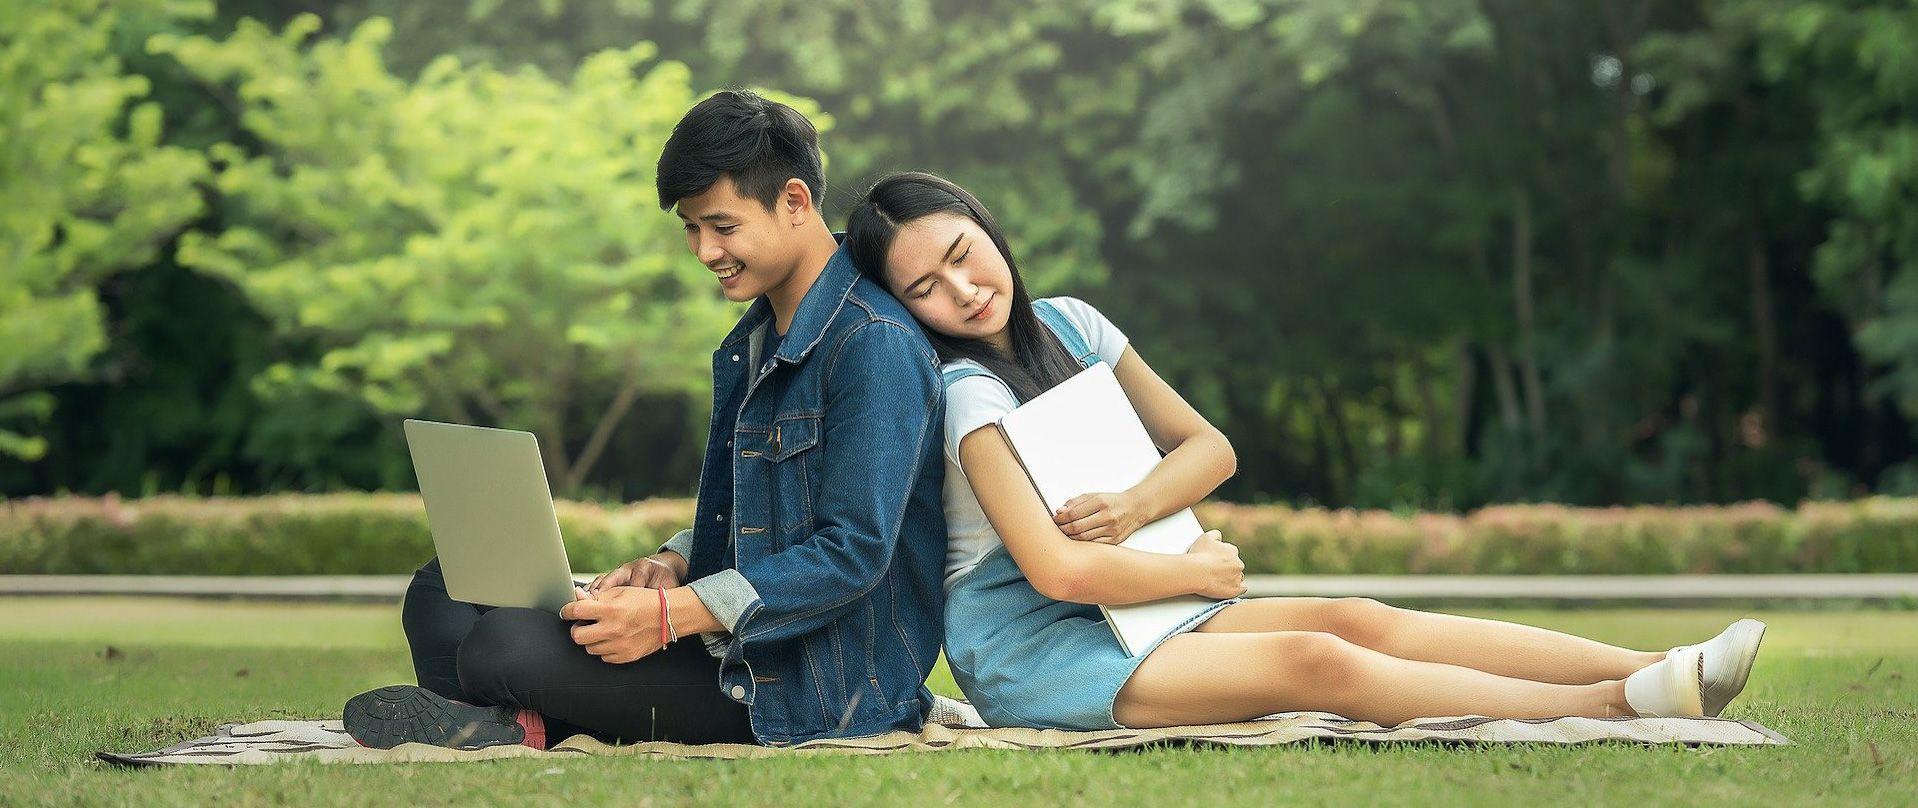 ¿Entiendes el lenguaje de los adolescentes? El test 5